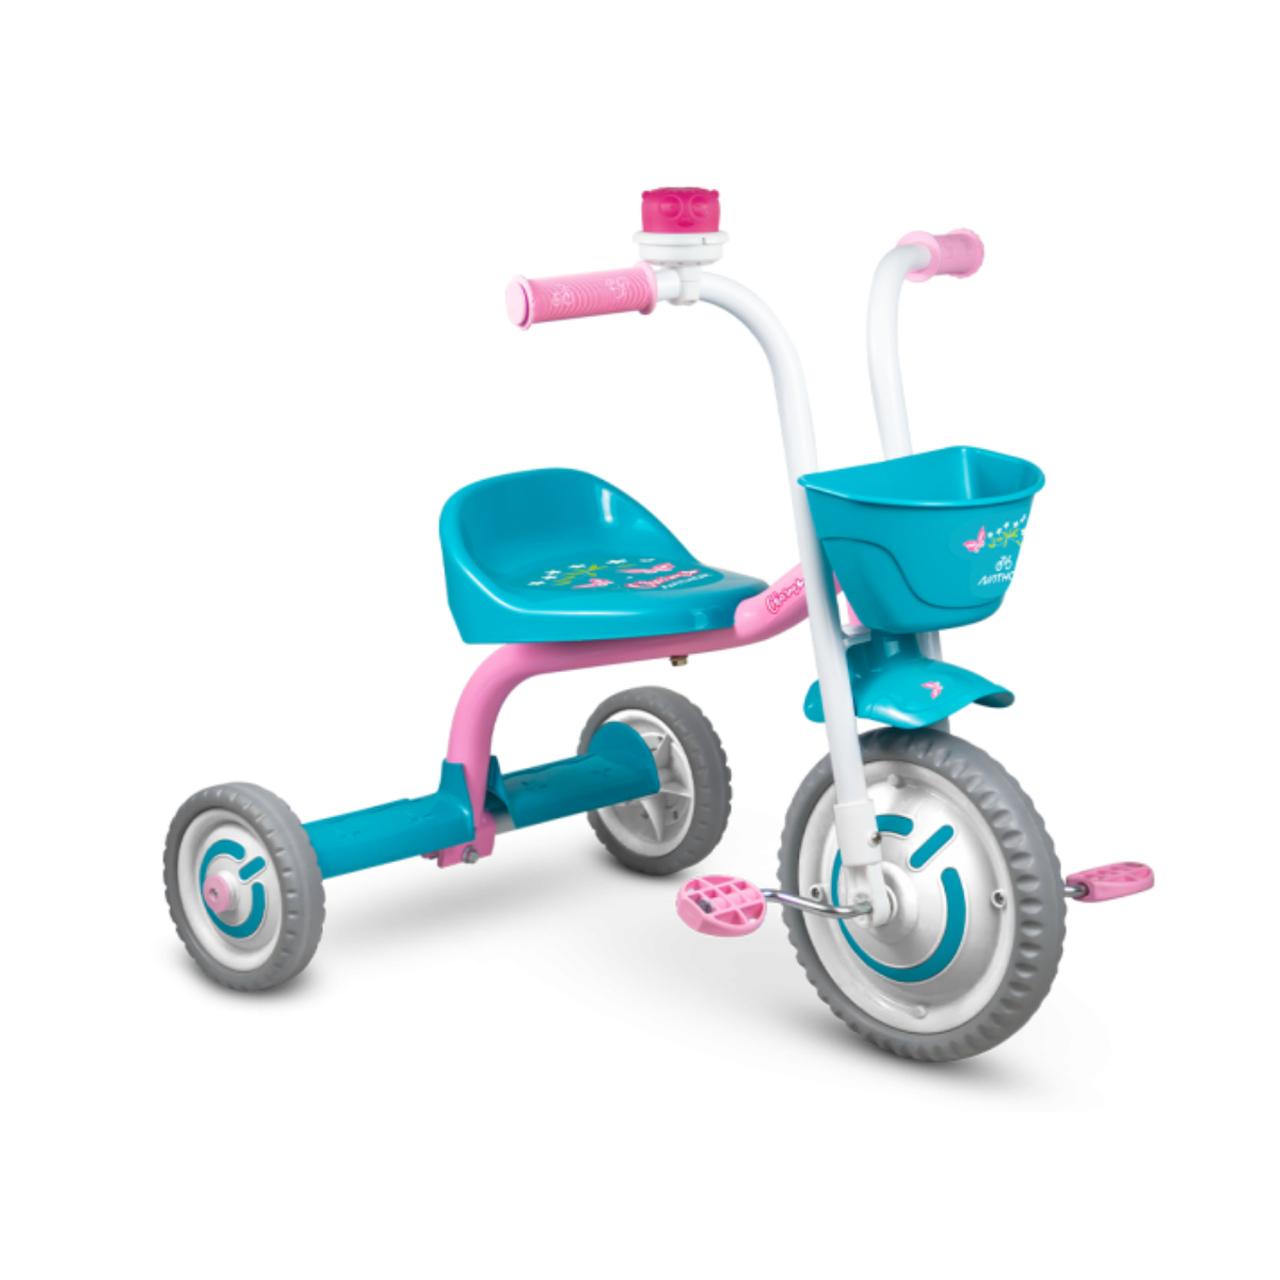 Triciclo Baby Charm Infantil Menino E Menina Azul e Rosa - Nathor